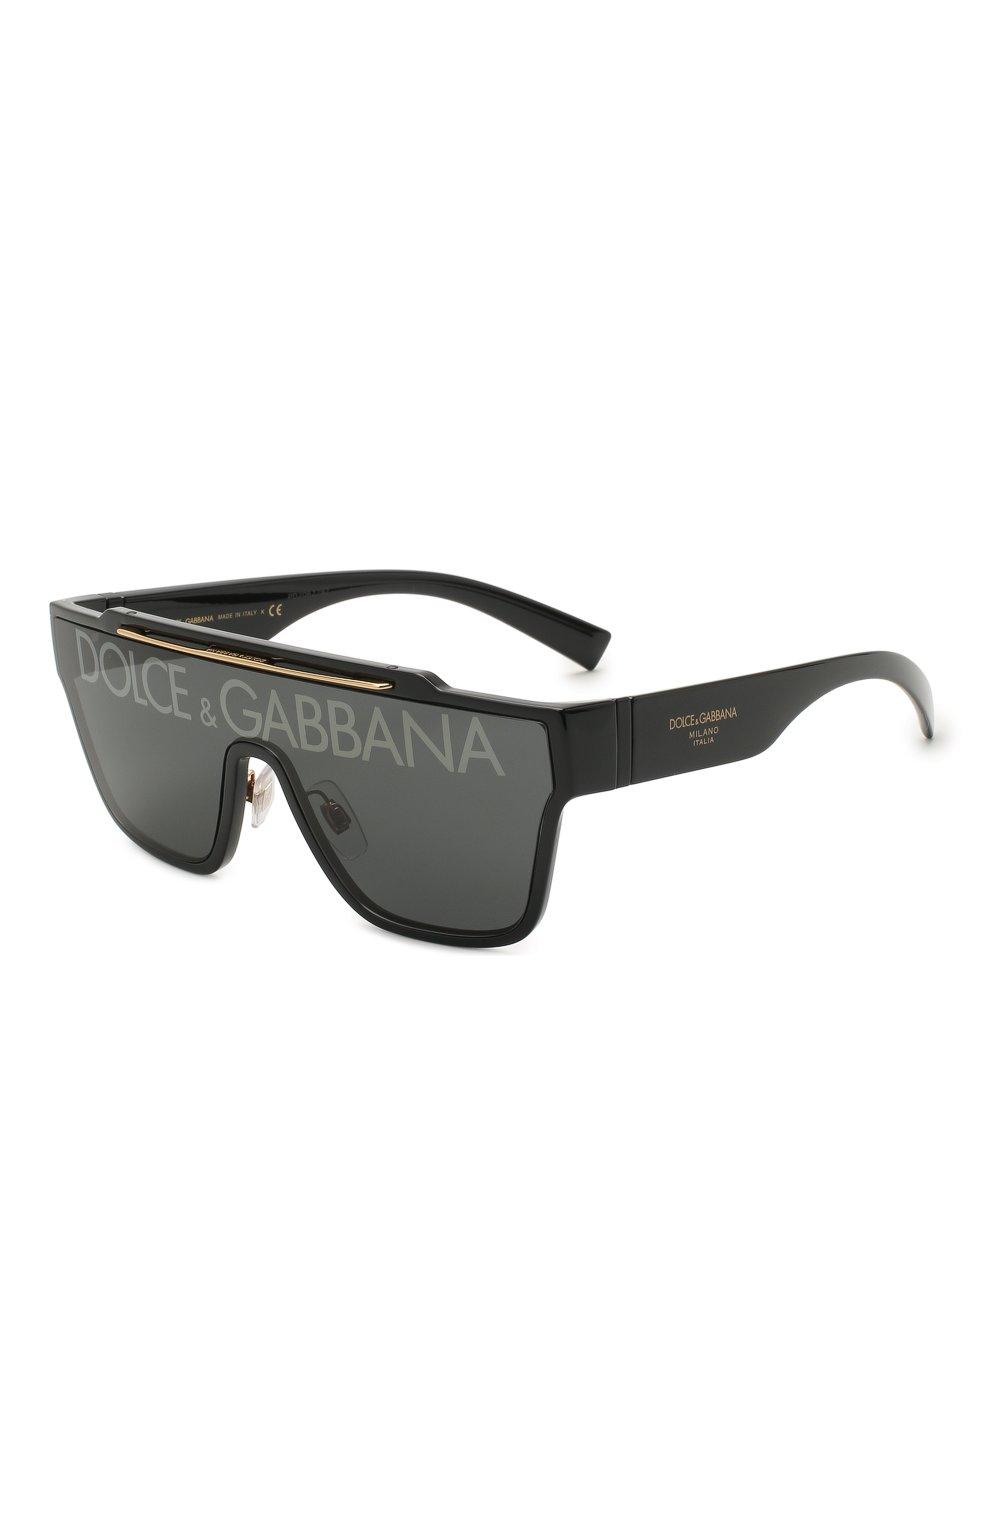 Мужские солнцезащитные очки DOLCE & GABBANA черного цвета, арт. 6125-501/M   Фото 1 (Очки форма: Маска, D-форма; Тип очков: С/з; Оптика Гендер: оптика-мужское)